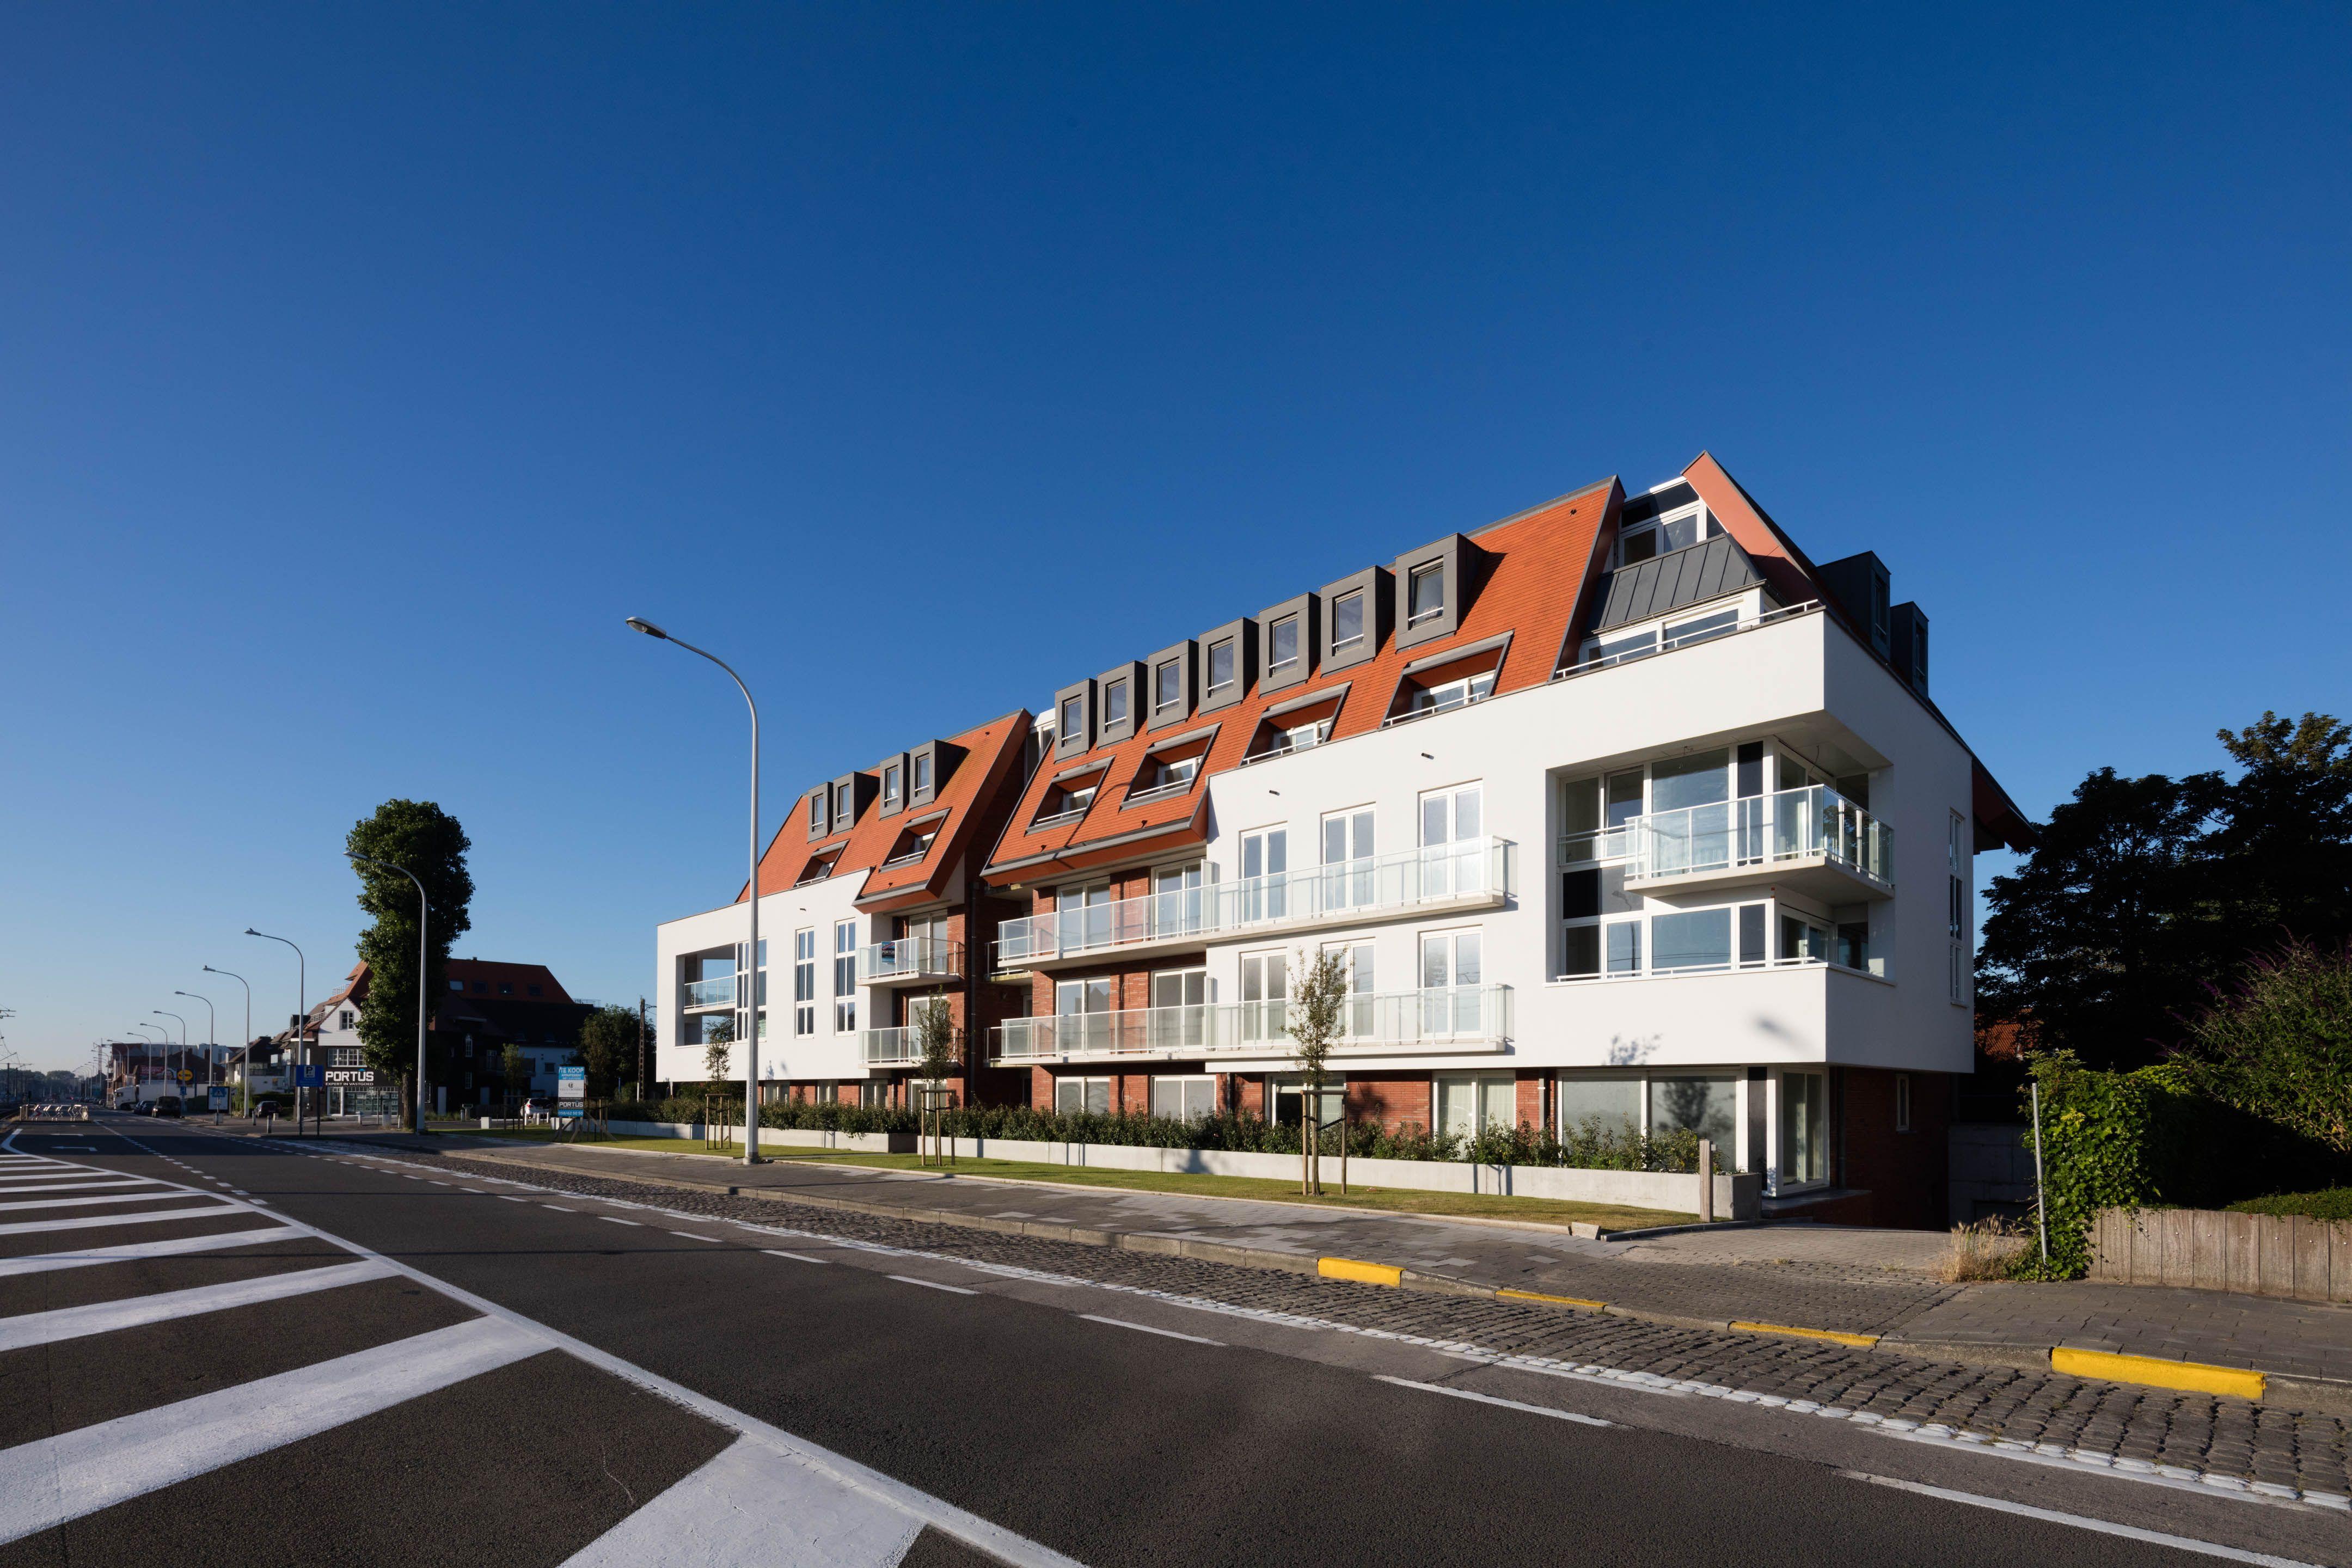 Appartement Residentie Villa Crombez Nieuwpoort - 8392